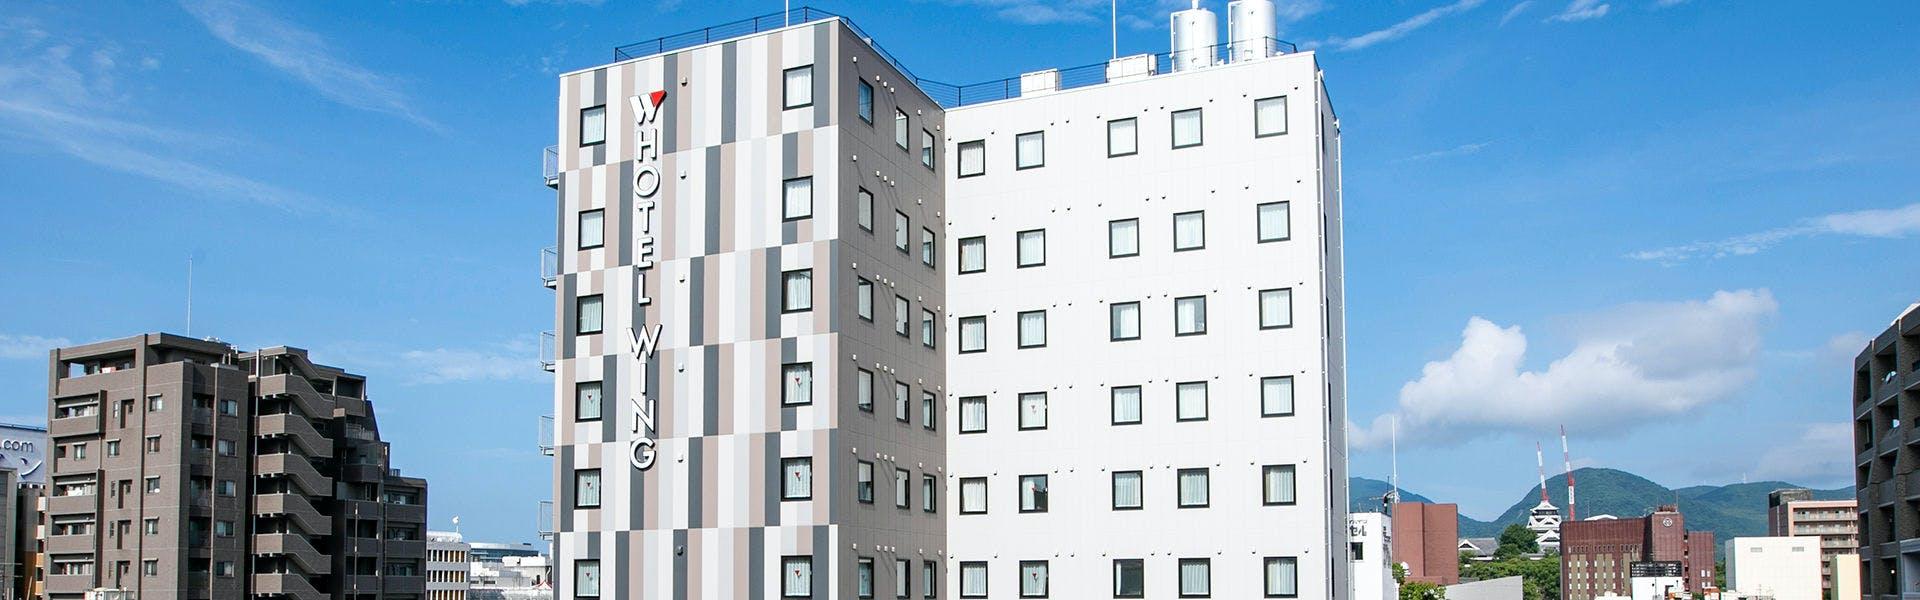 記念日におすすめのホテル・ホテルウィングインターナショナルセレクト熊本の写真1